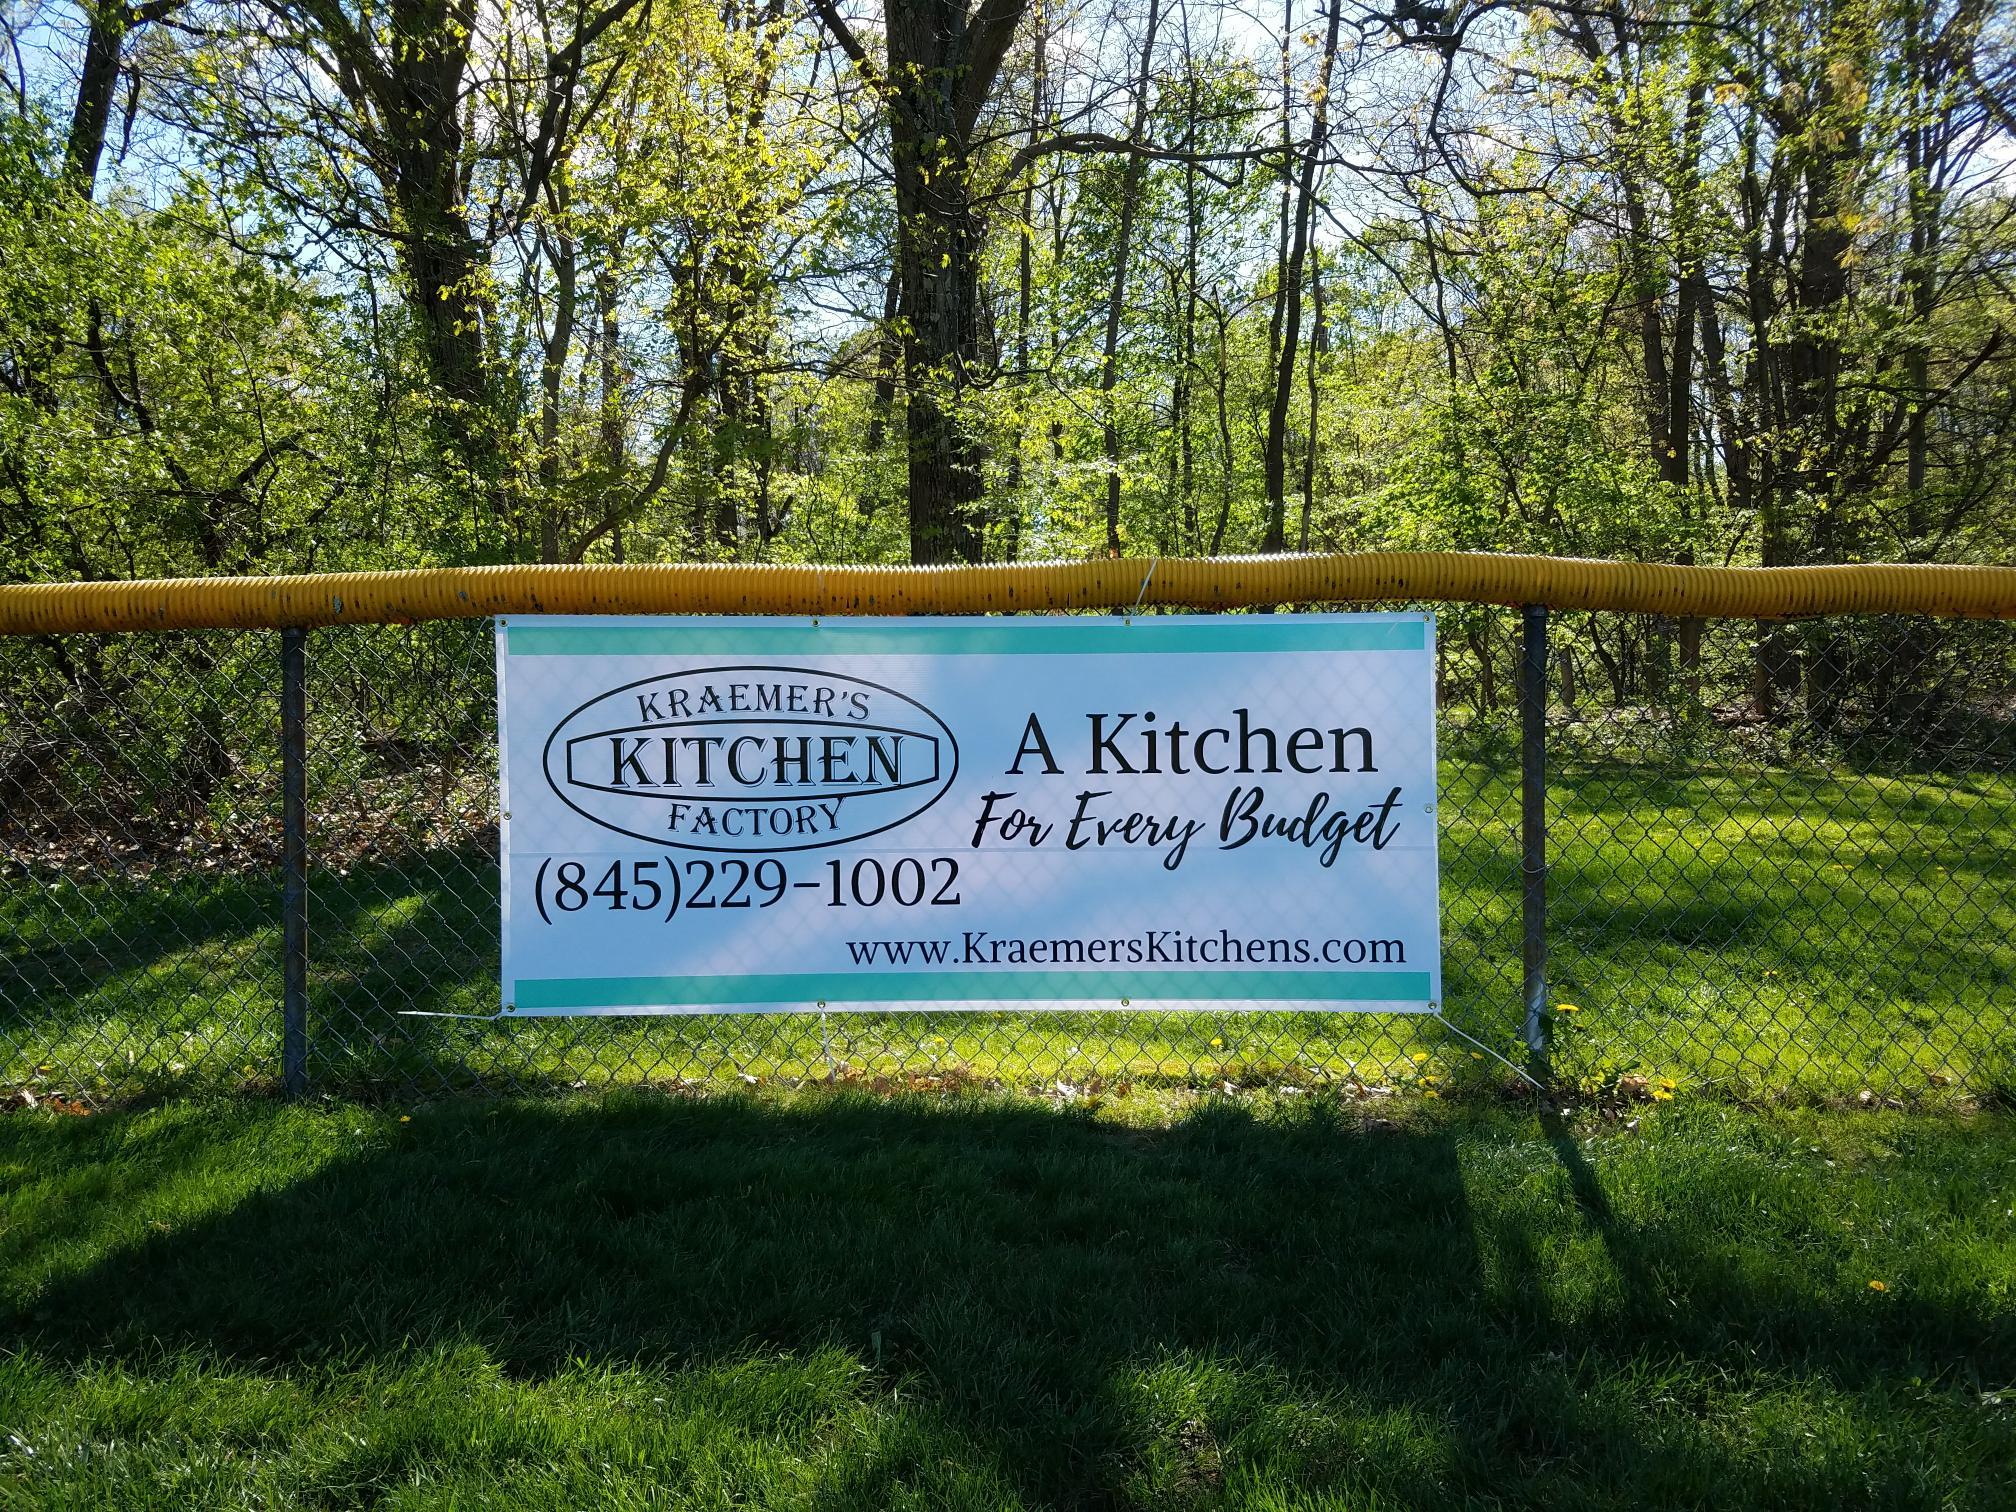 Kraemer's Kitchen Factory Outfield Banner